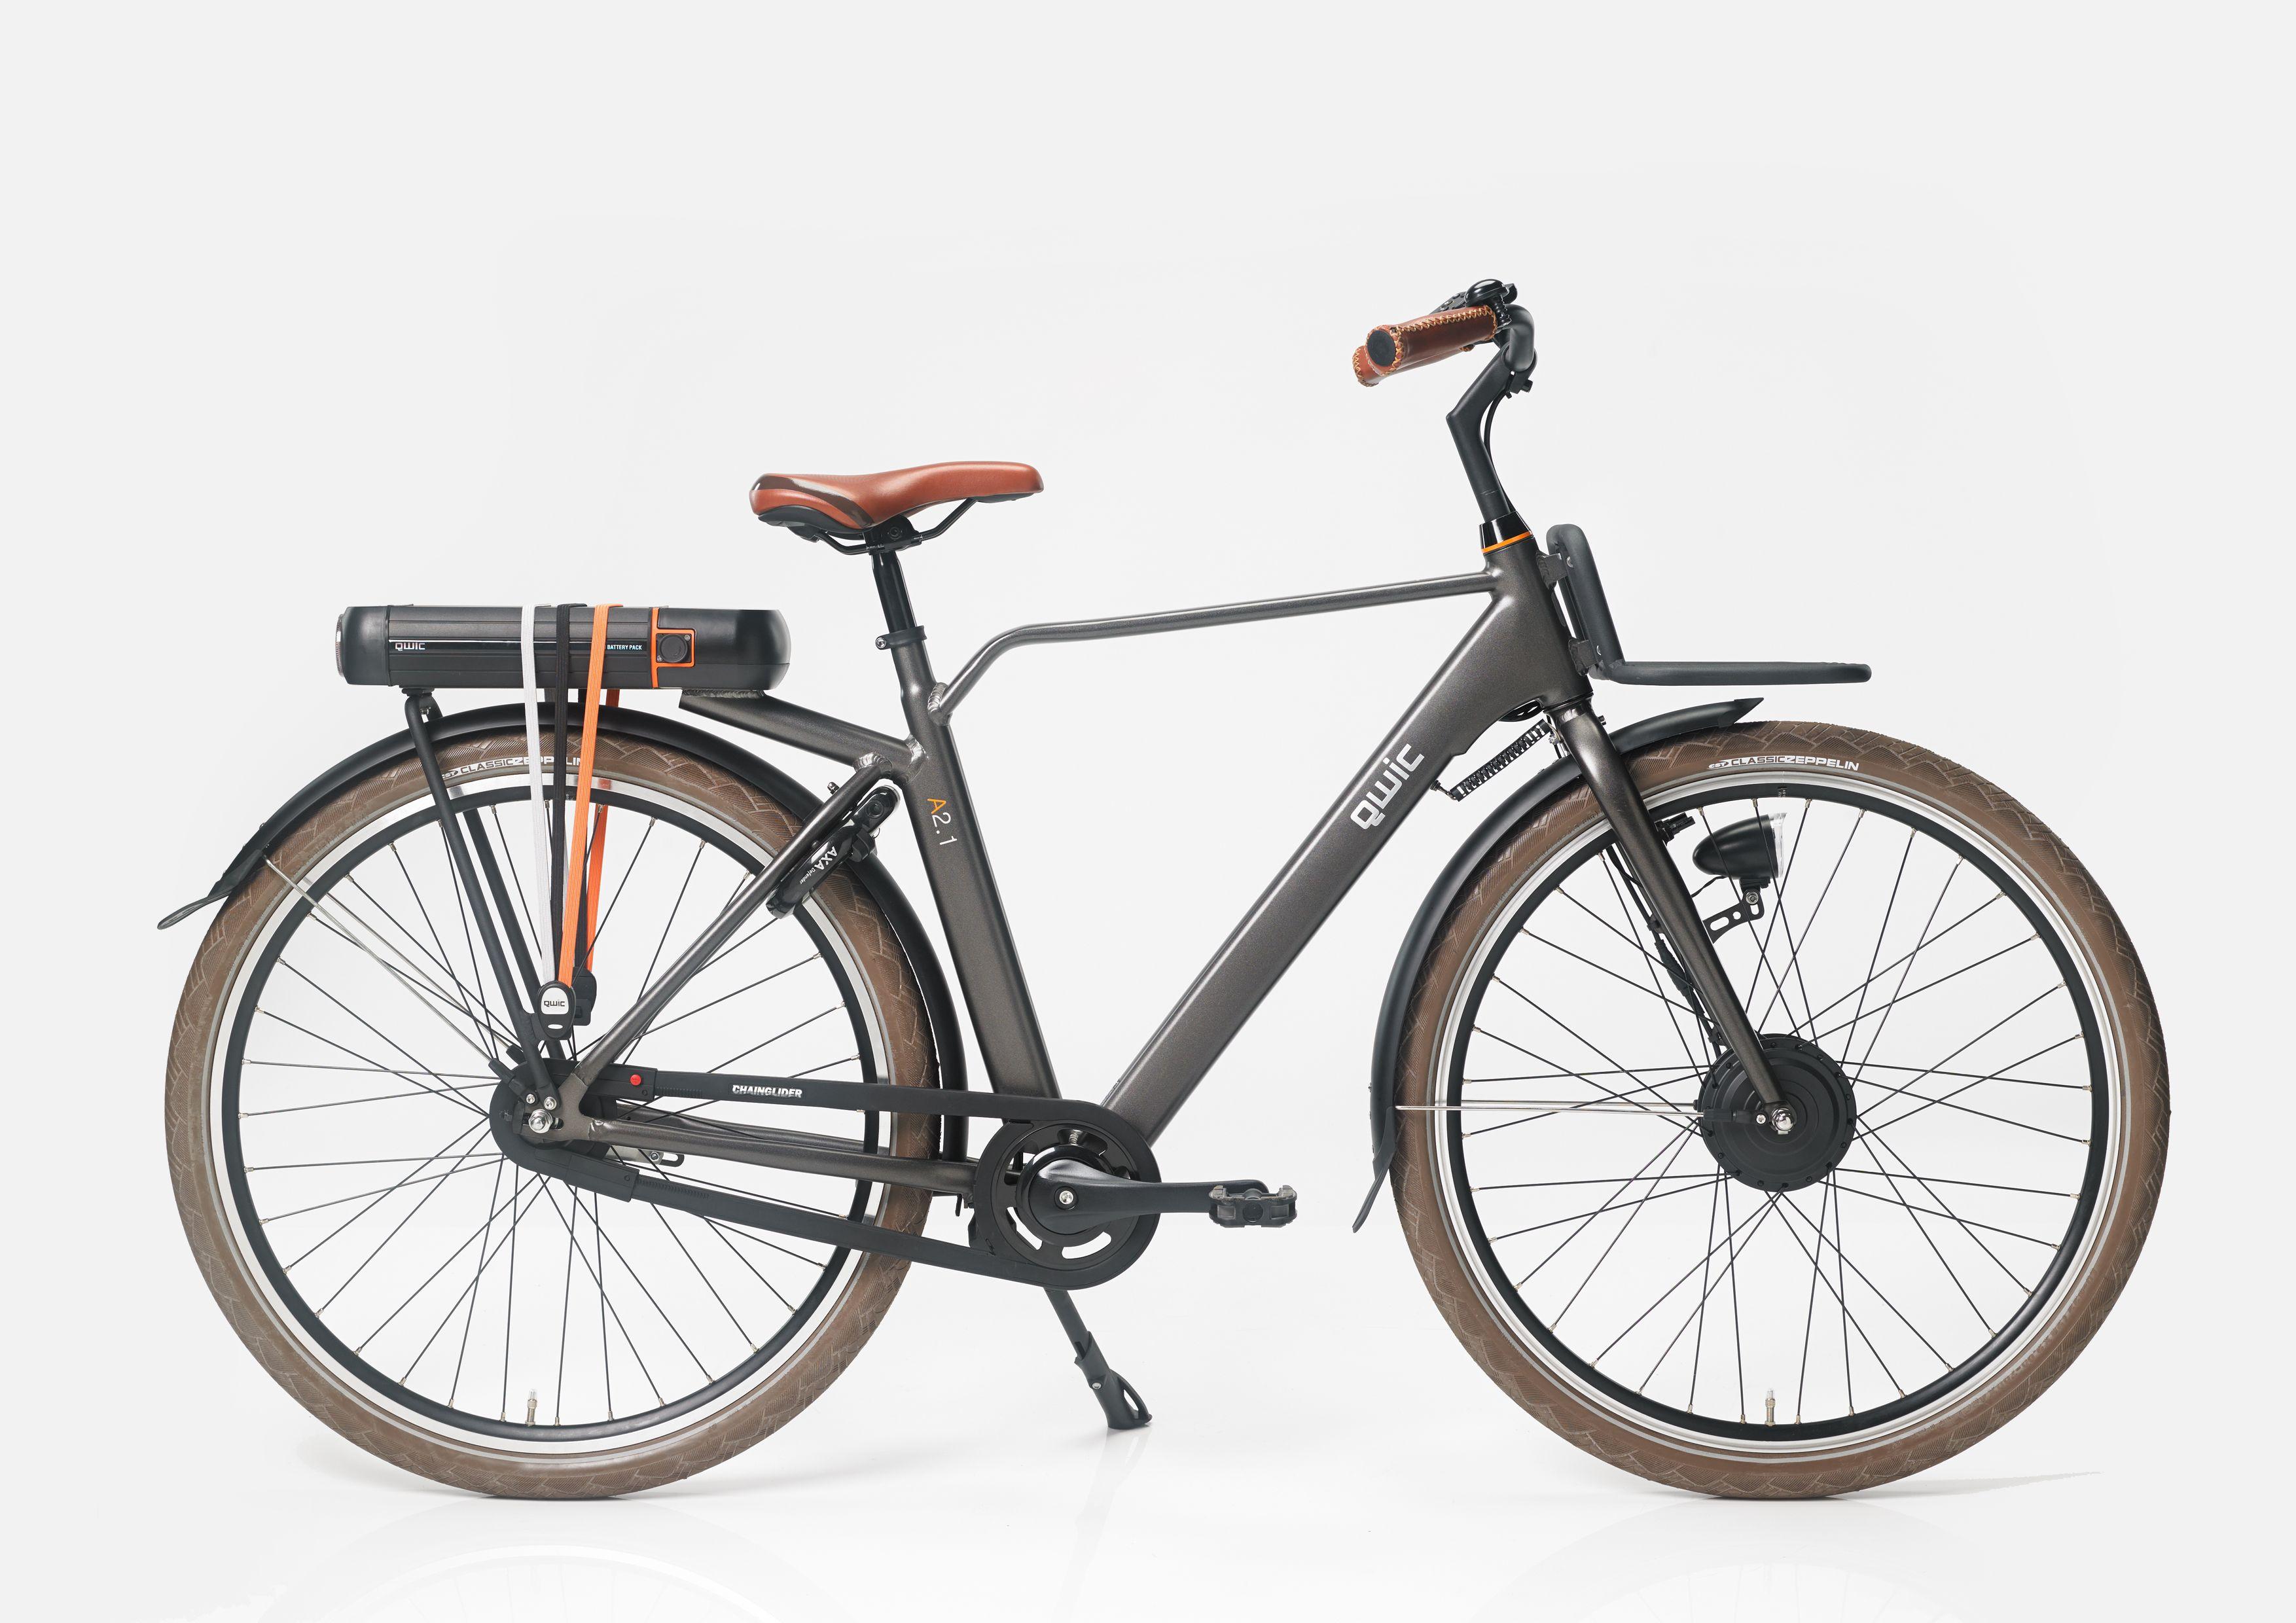 QWIC A1.2 e-bike designed by Robert Bronwasser. Red Dot Award 2014